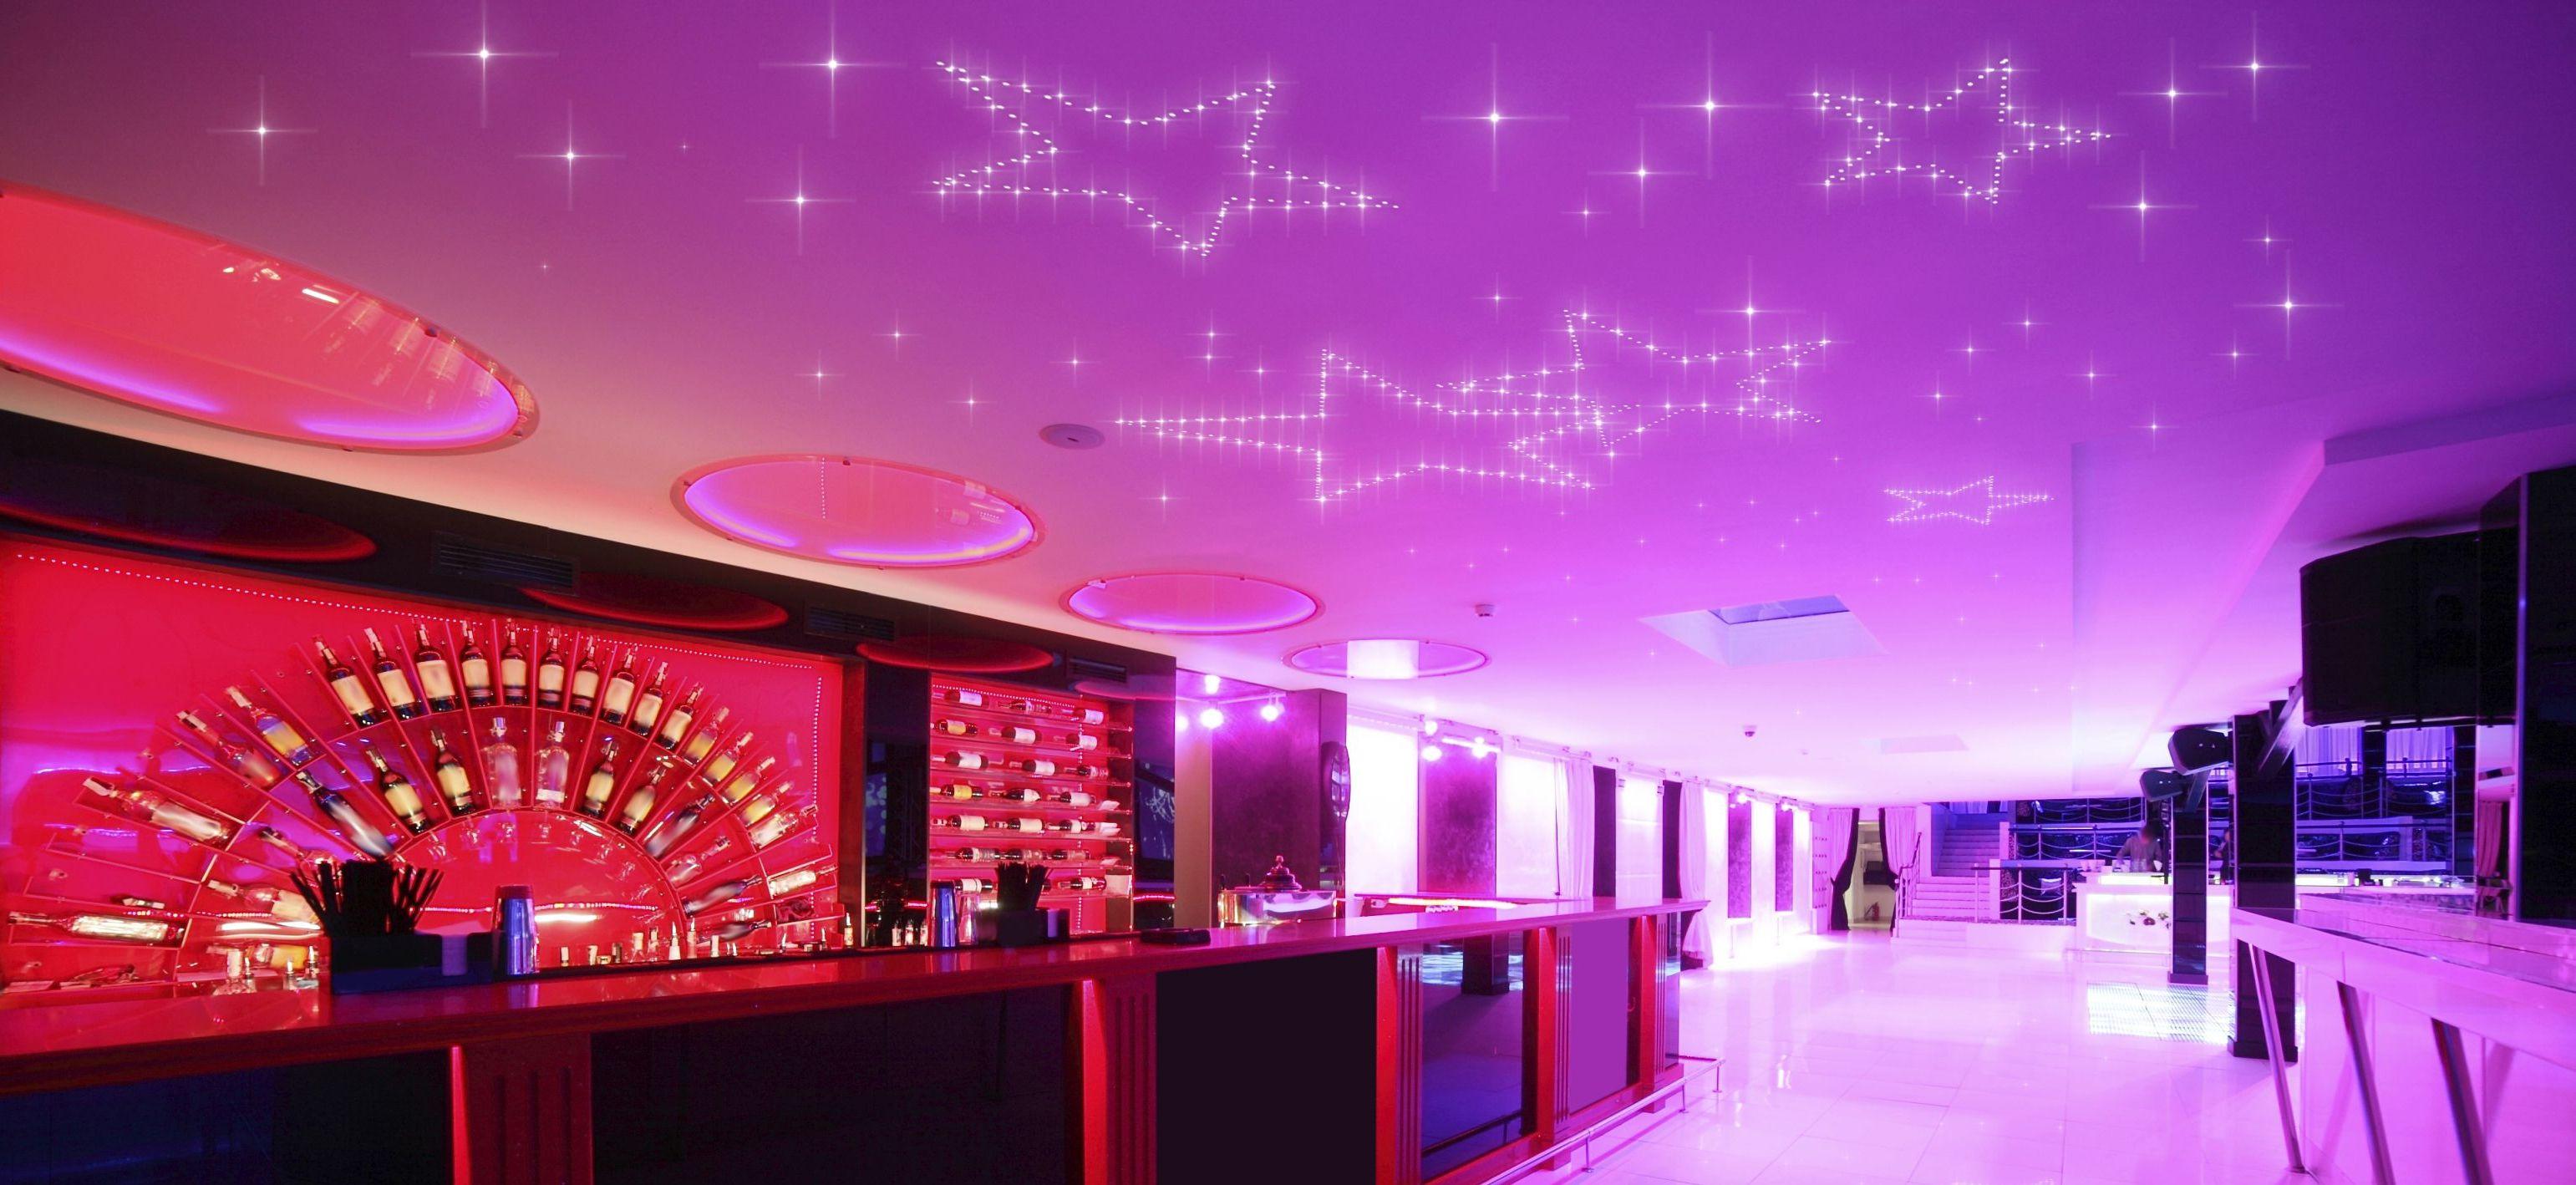 pixlm3 Erstaunlich Sternenhimmel An Der Decke Dekorationen